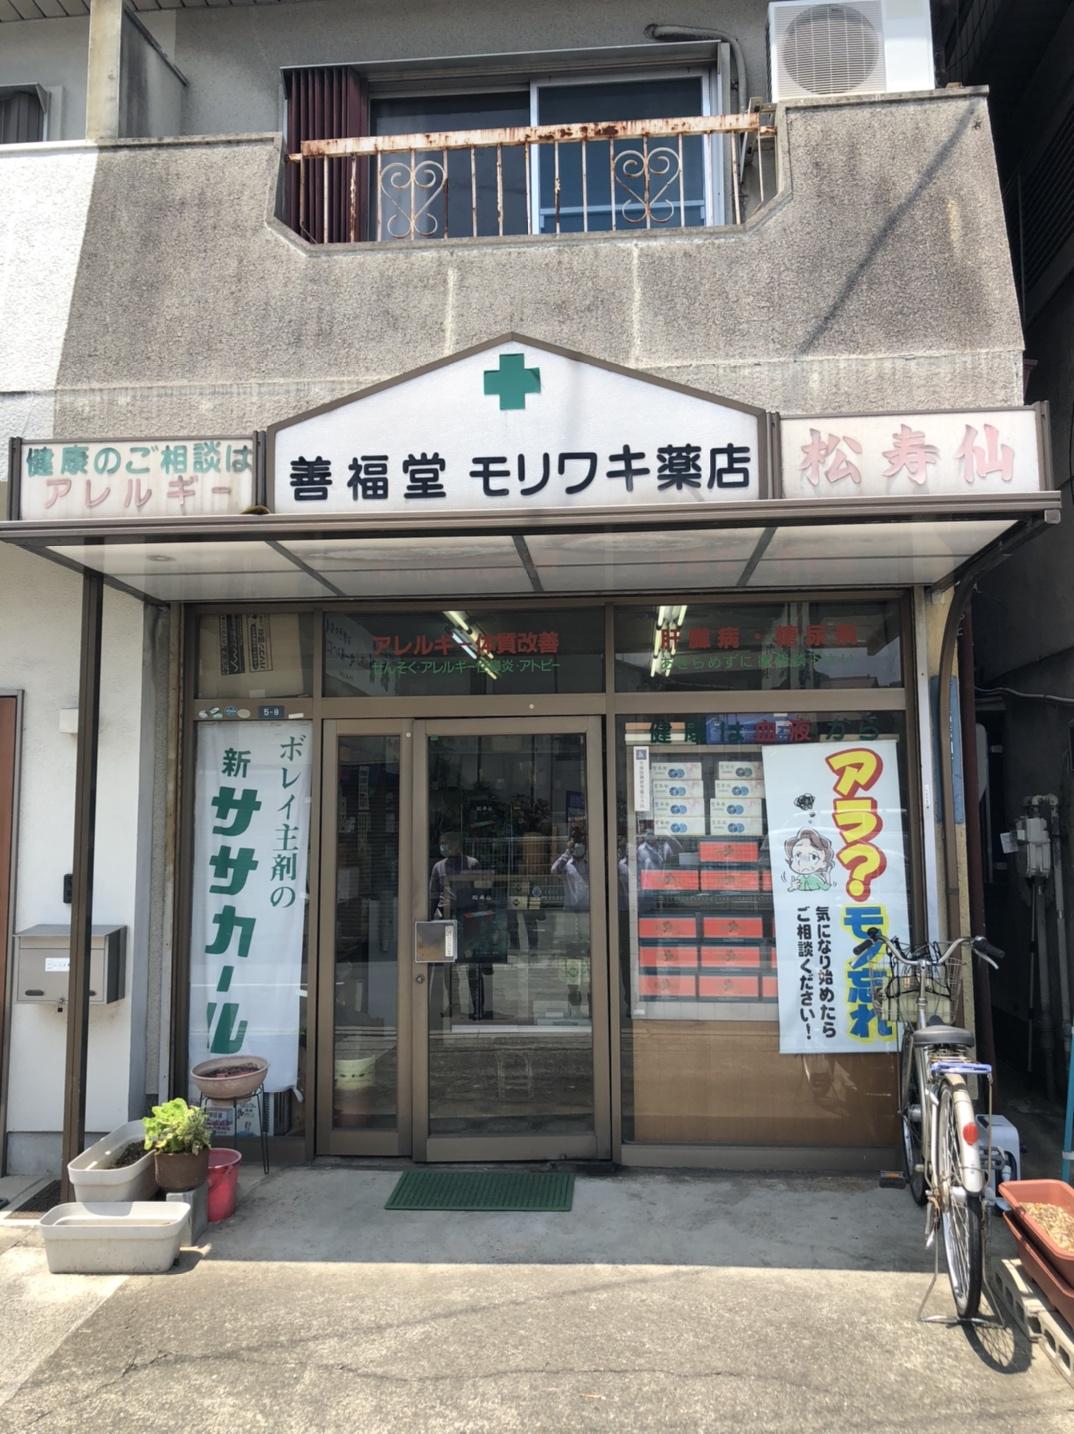 善福堂モリワキ薬店